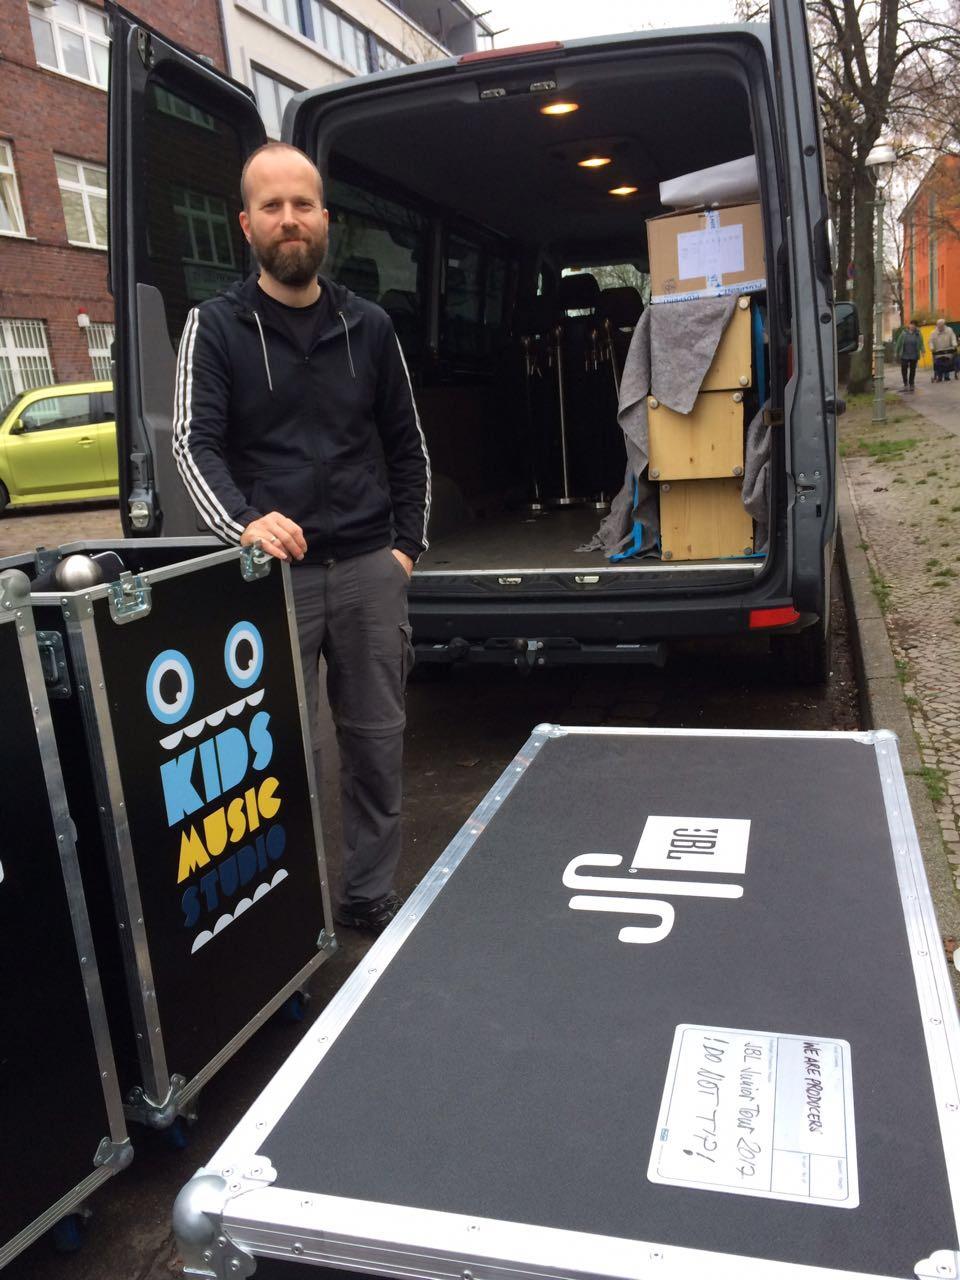 Beladung des Transporters für die JBL Mobile Studio Kids Tour